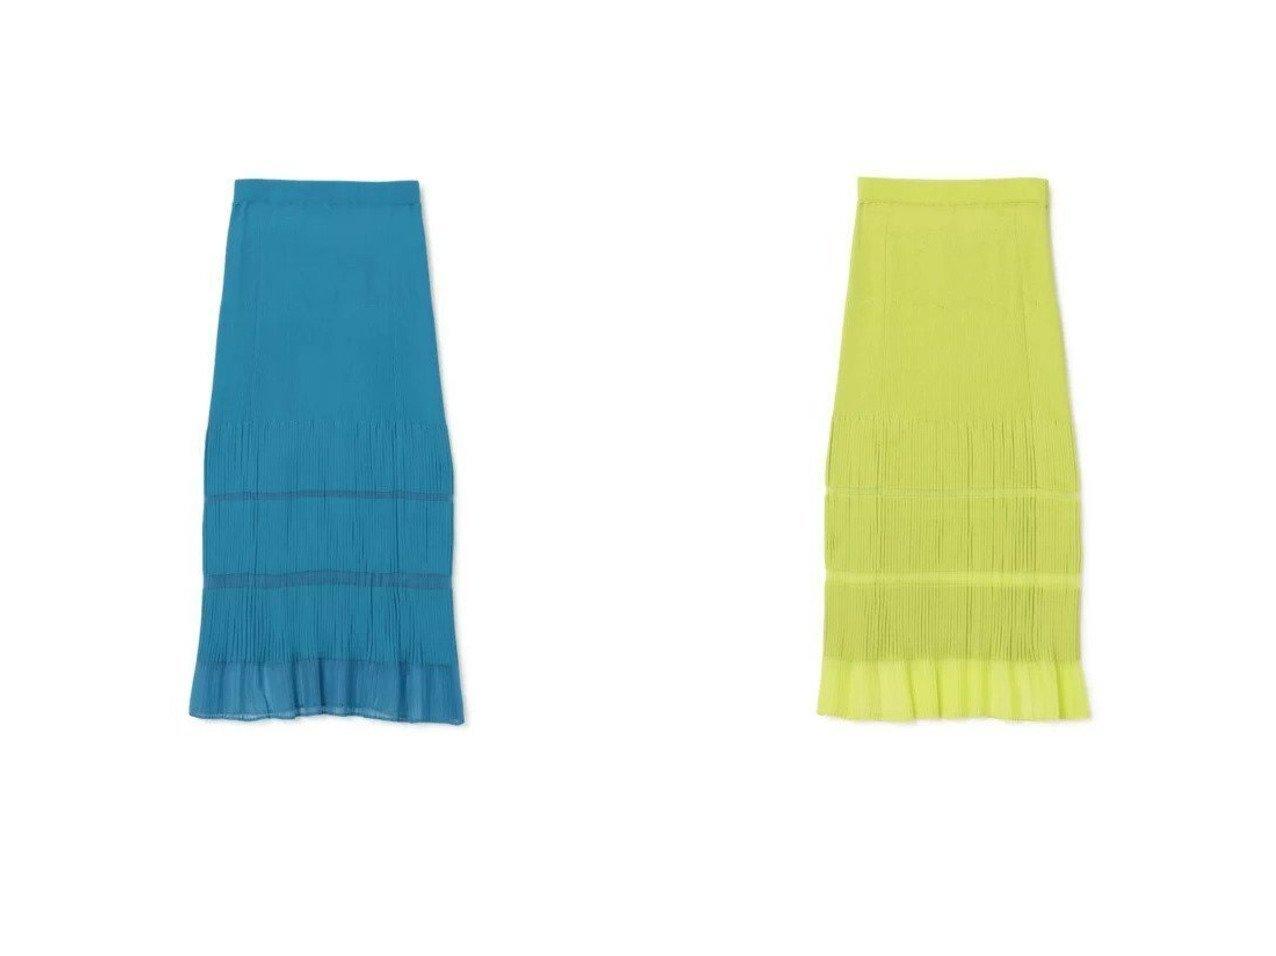 【LE CIEL BLEU/ルシェル ブルー】のTransparent Long Kint SKIRT 【スカート】おすすめ!人気、トレンド・レディースファッションの通販 おすすめで人気の流行・トレンド、ファッションの通販商品 インテリア・家具・メンズファッション・キッズファッション・レディースファッション・服の通販 founy(ファニー) https://founy.com/ ファッション Fashion レディースファッション WOMEN スカート Skirt エレガント シアー ボーダー マキシ リブニット ロング |ID:crp329100000055813